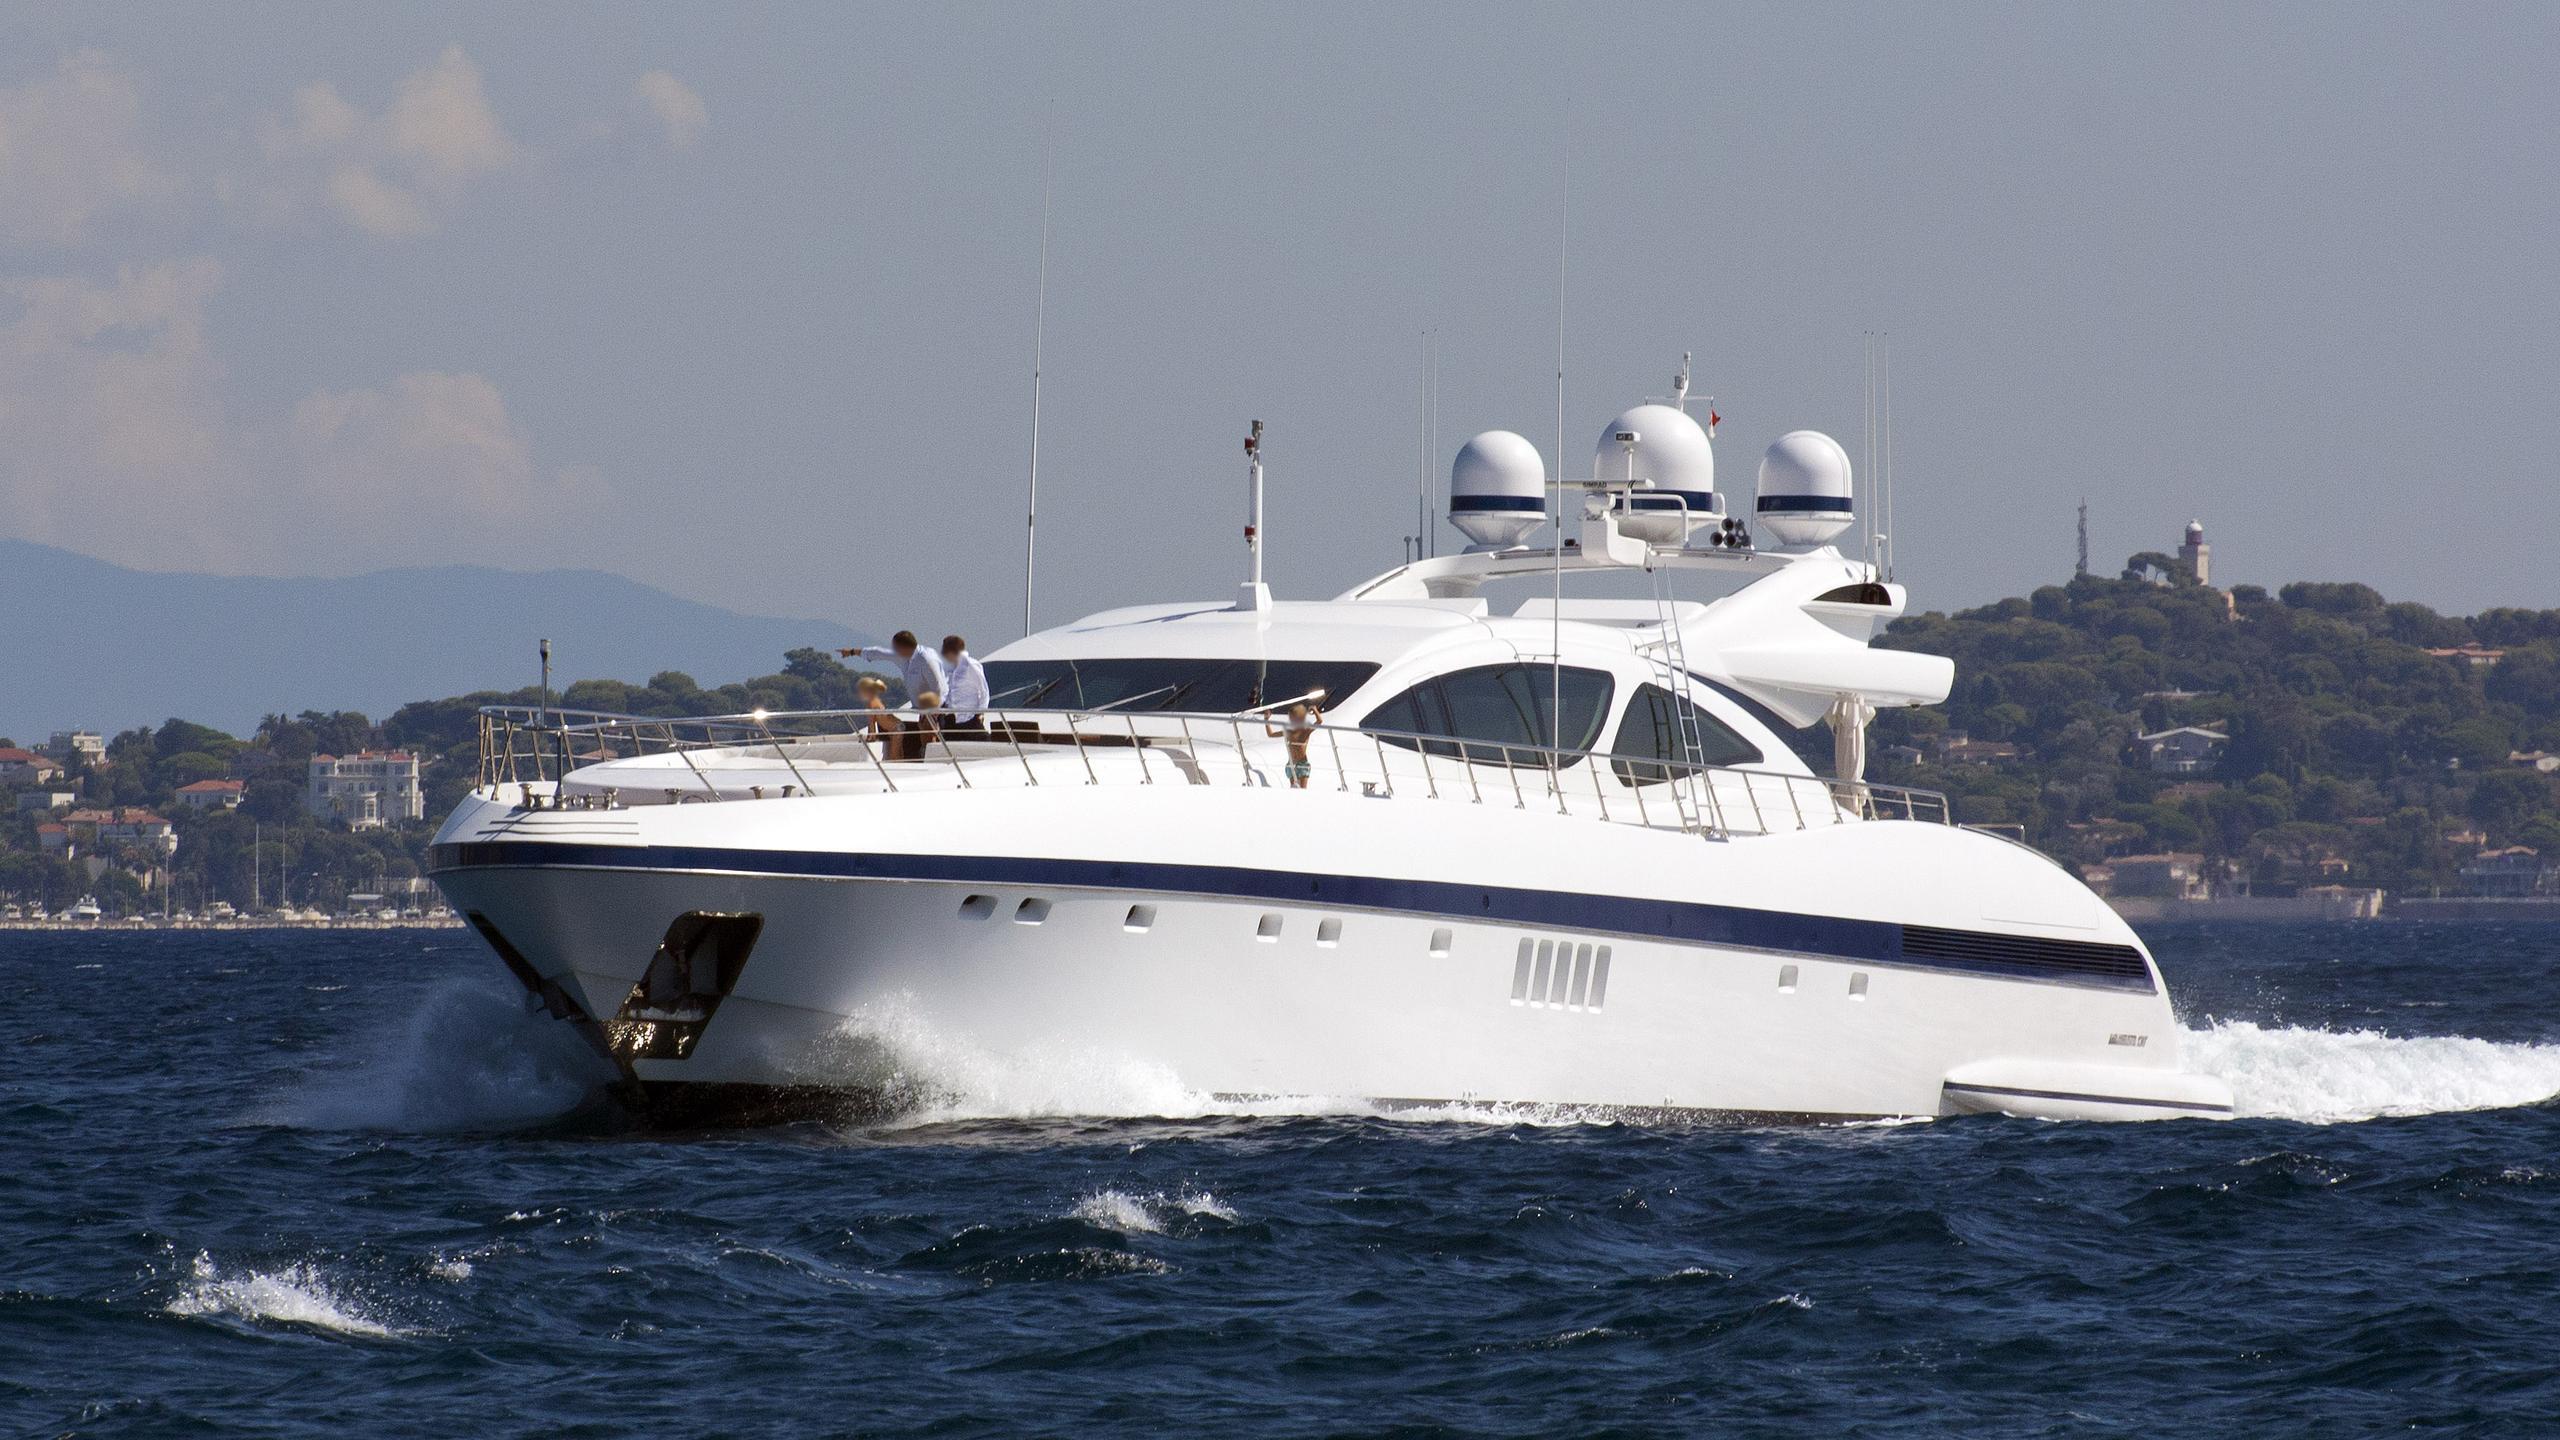 mac too motoryacht overmarine mangusta 130 2008 40m cruising half profile